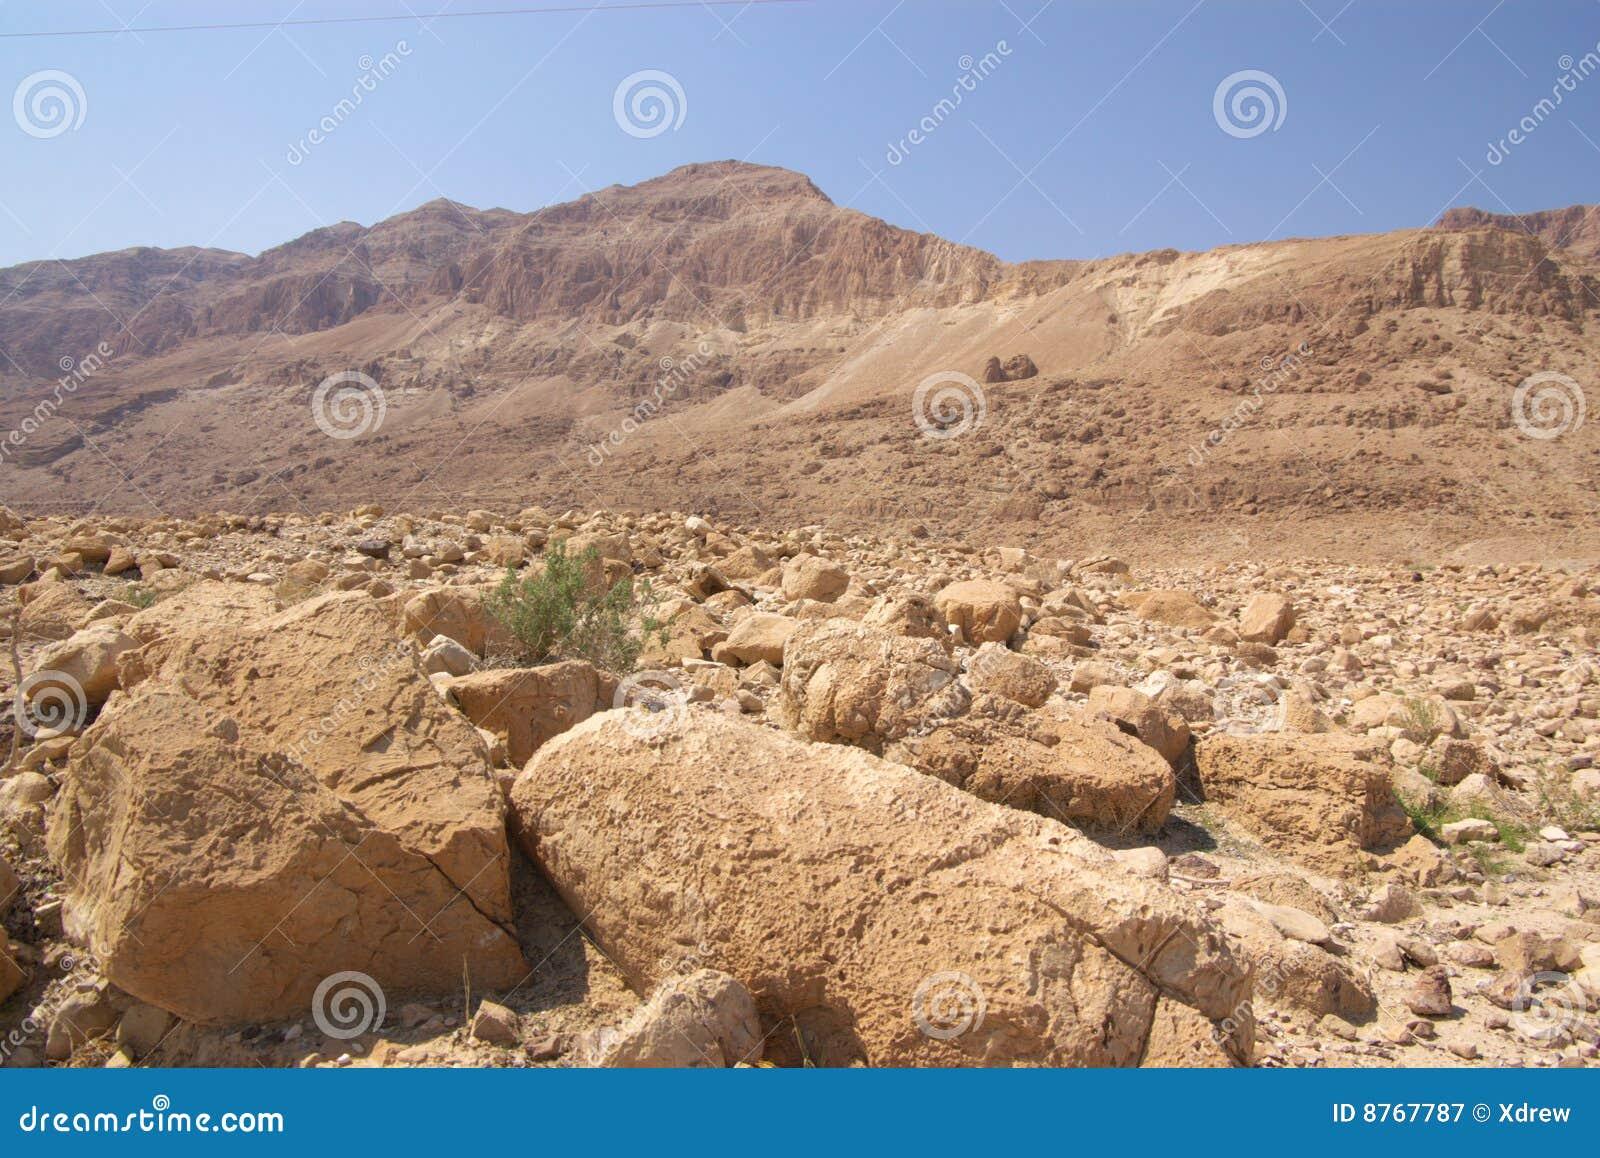 Desierto de Judea, Israel